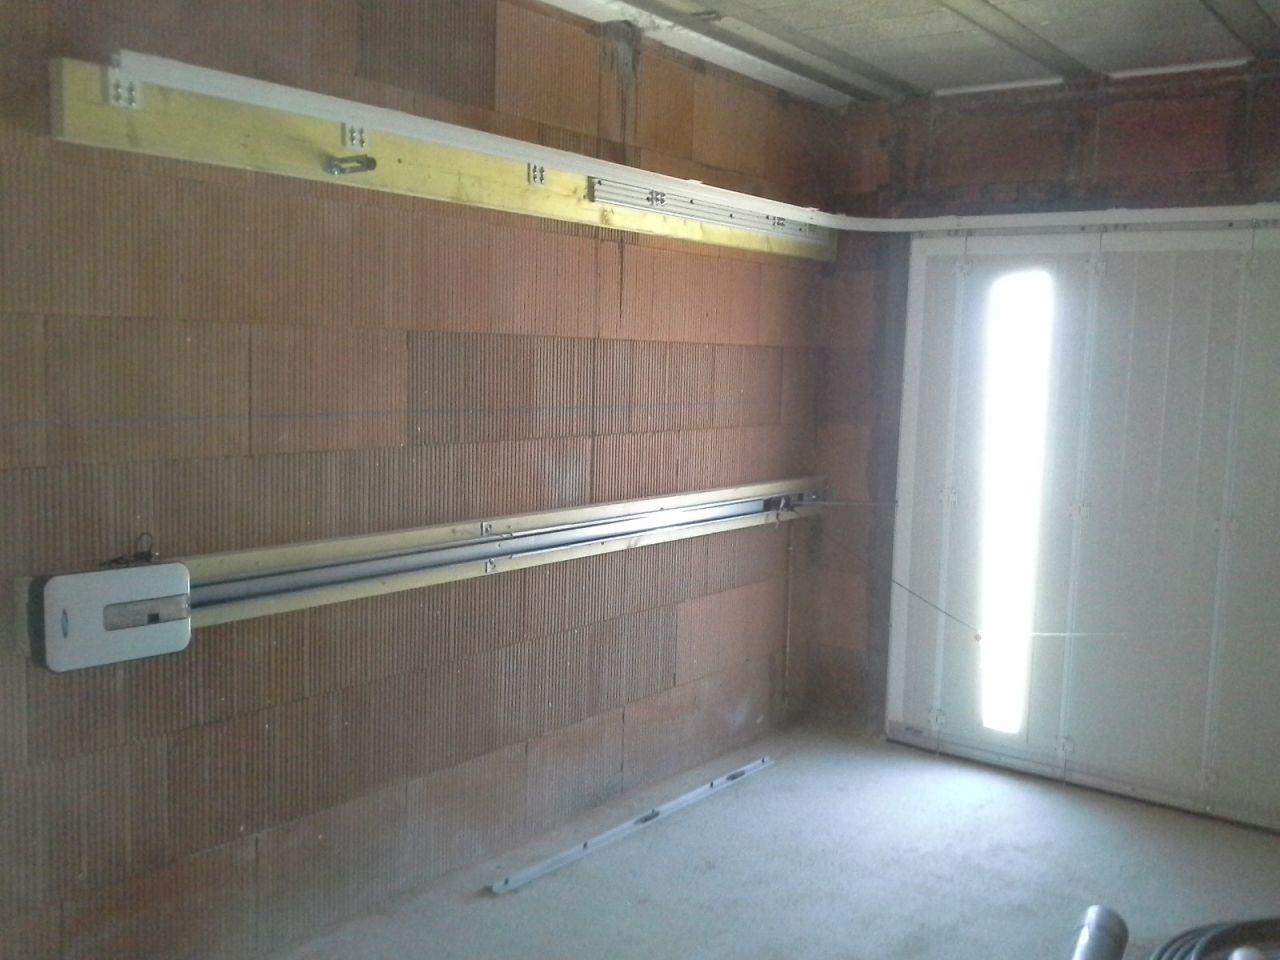 Une porte de garage... décalée